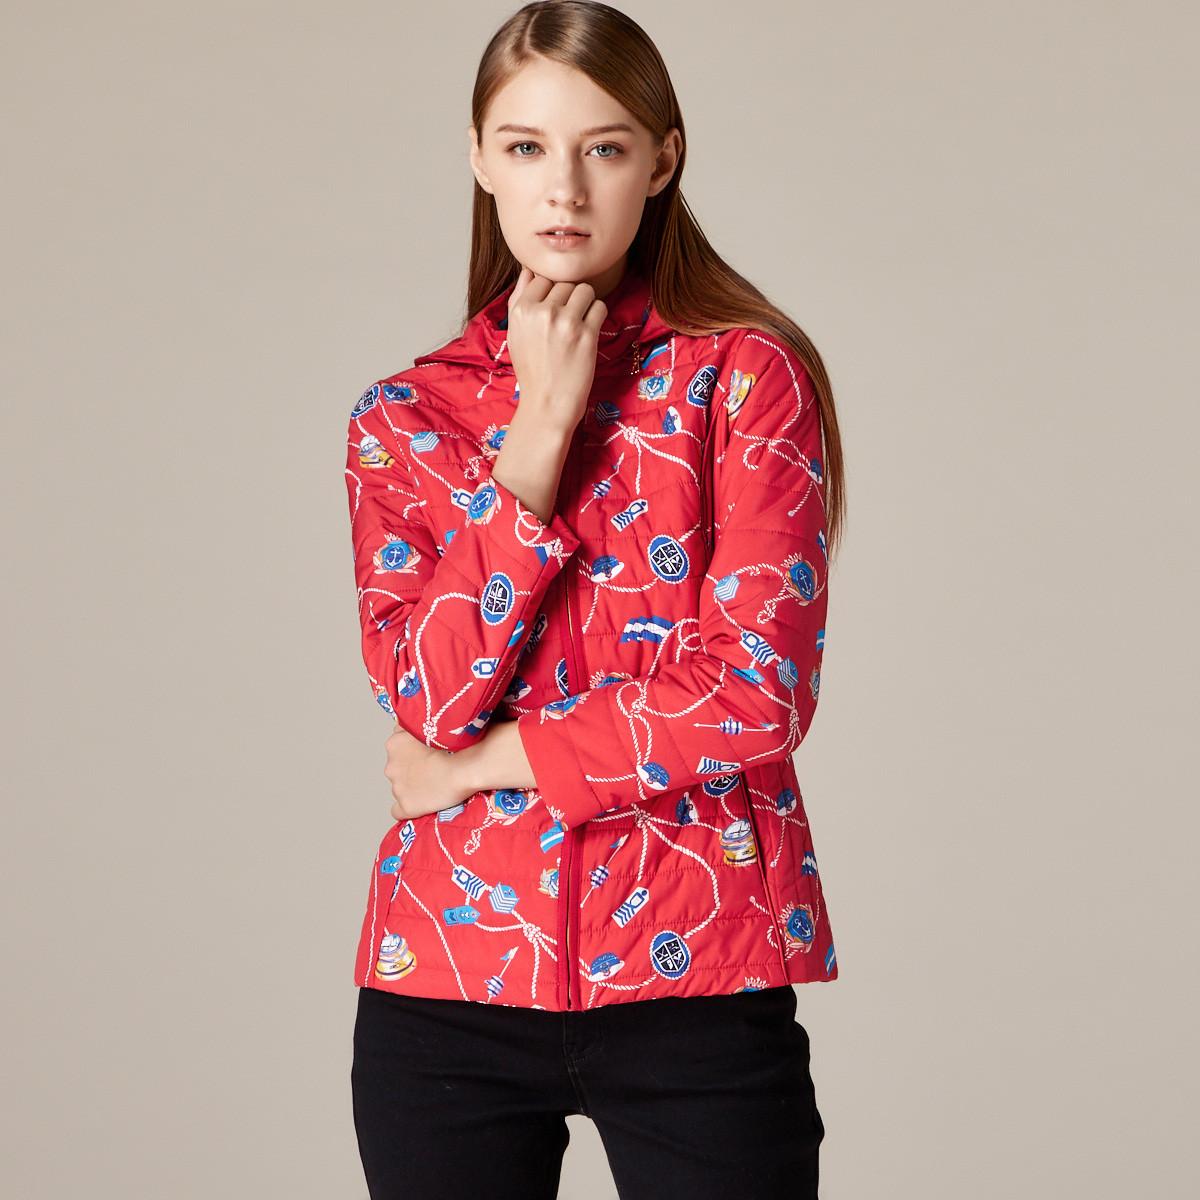 梵思诺时尚修身长袖休闲印花短款保暖棉服女装外套BWBI-T8B40116C